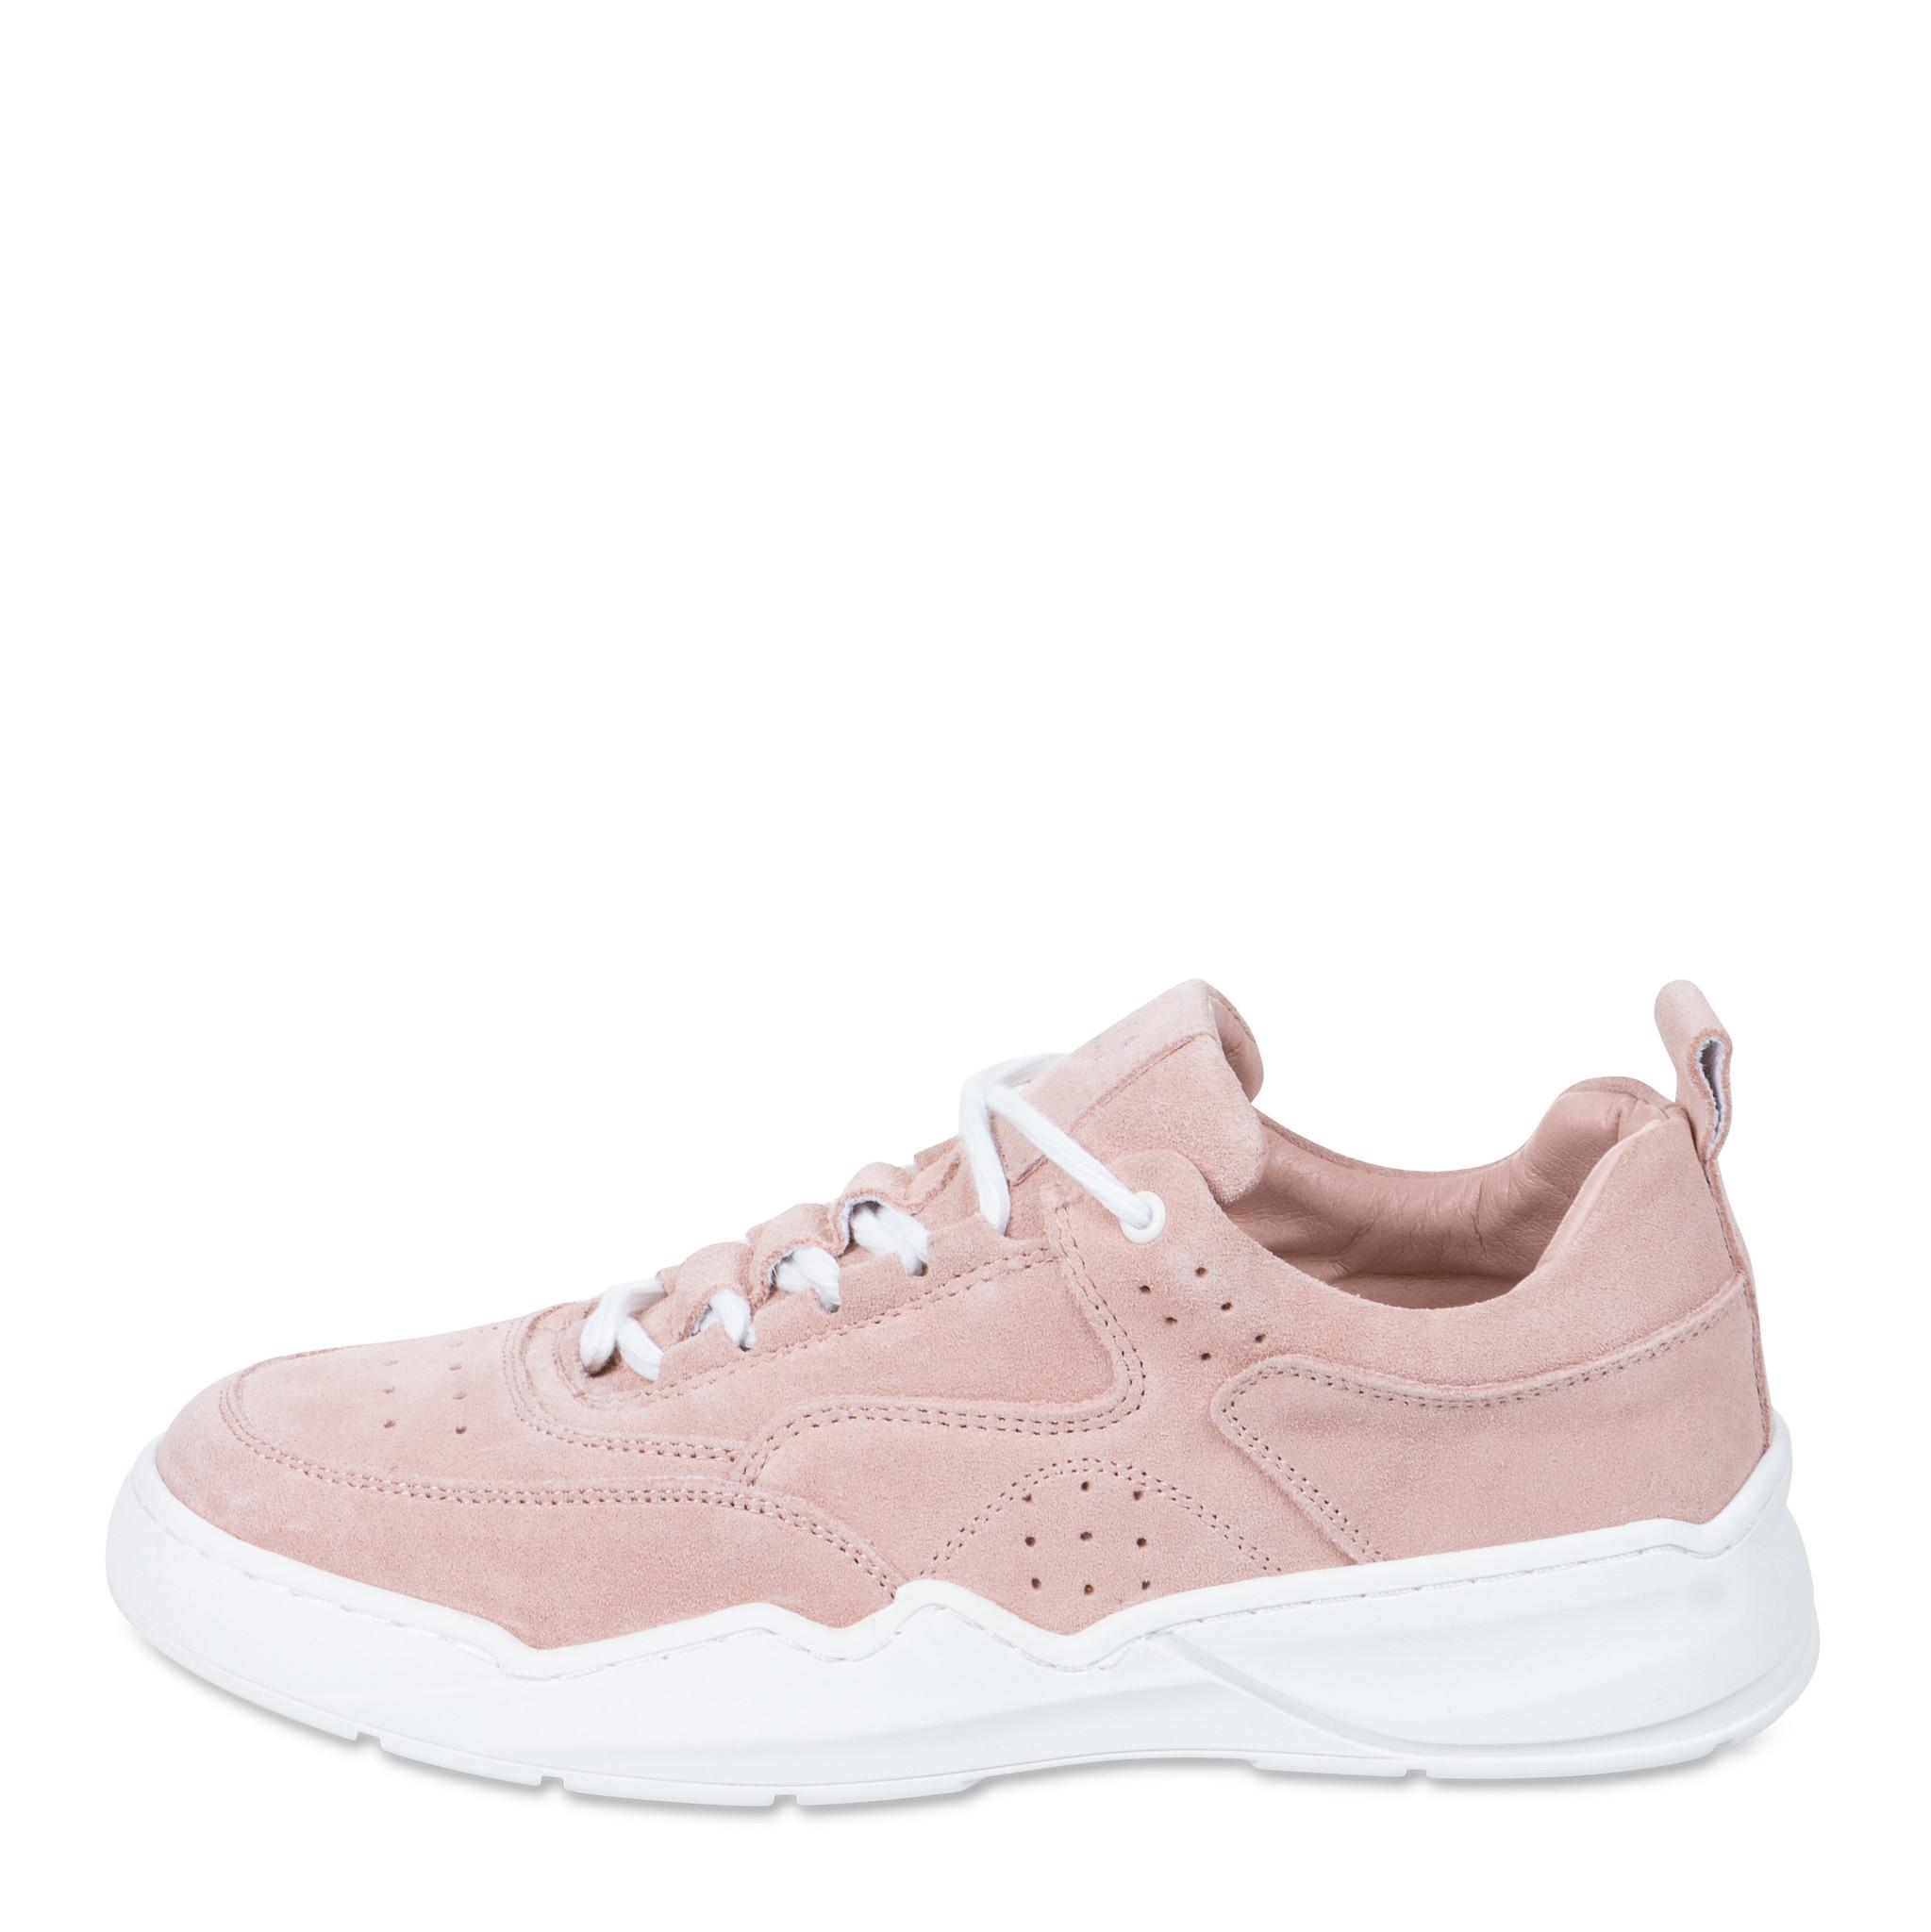 yaya Suede sneakers 134344-014-2